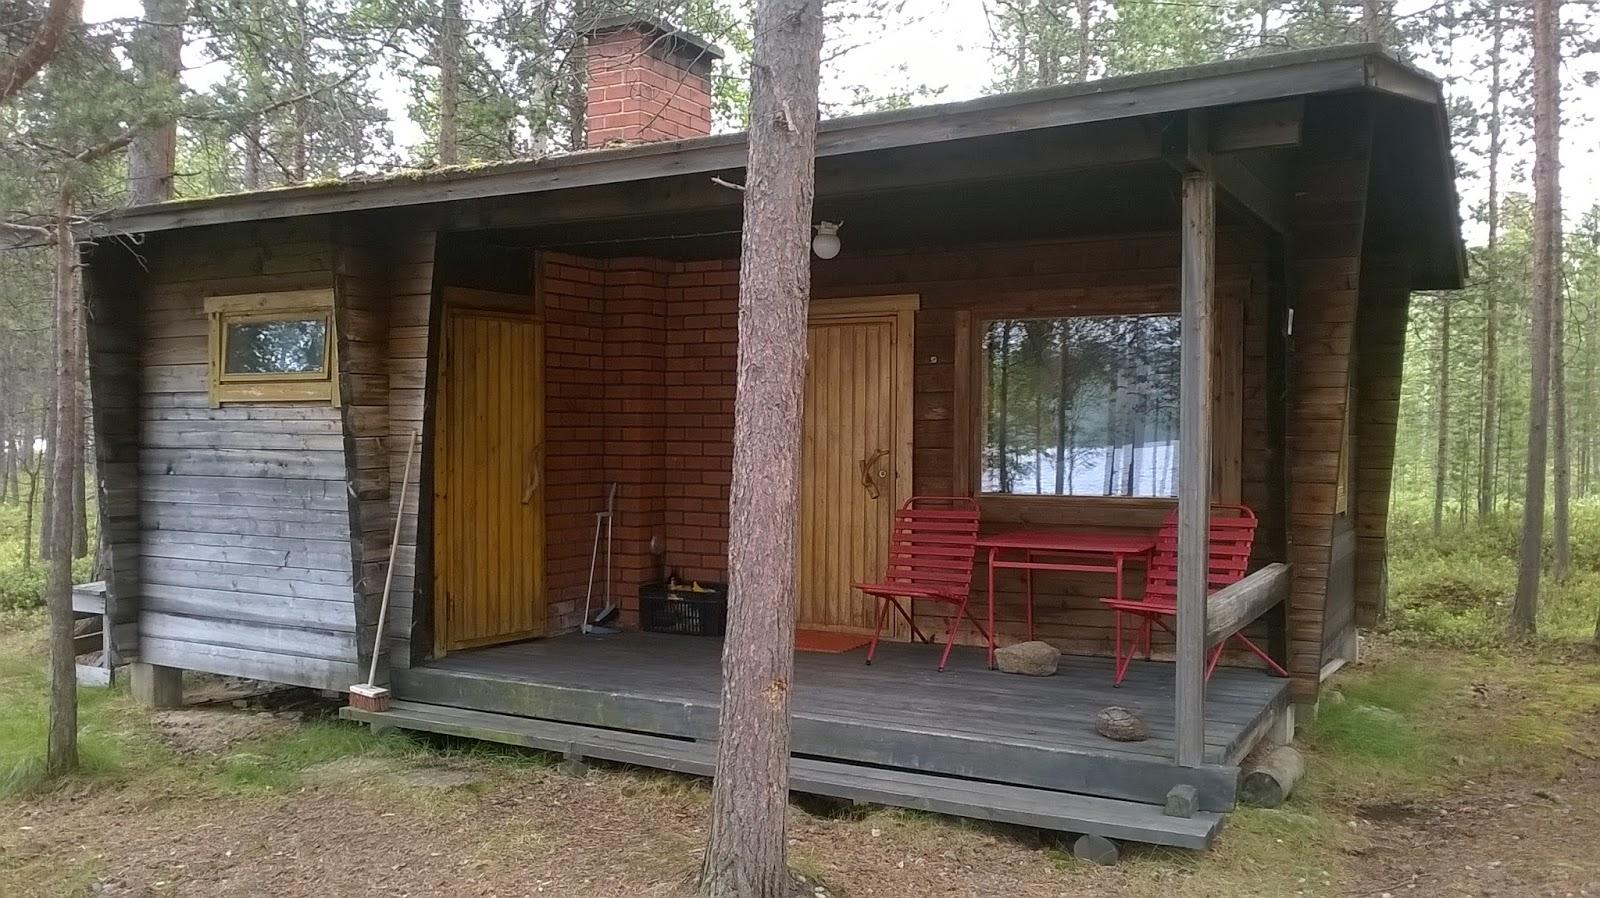 Harmen en helen in finland: juli 2015